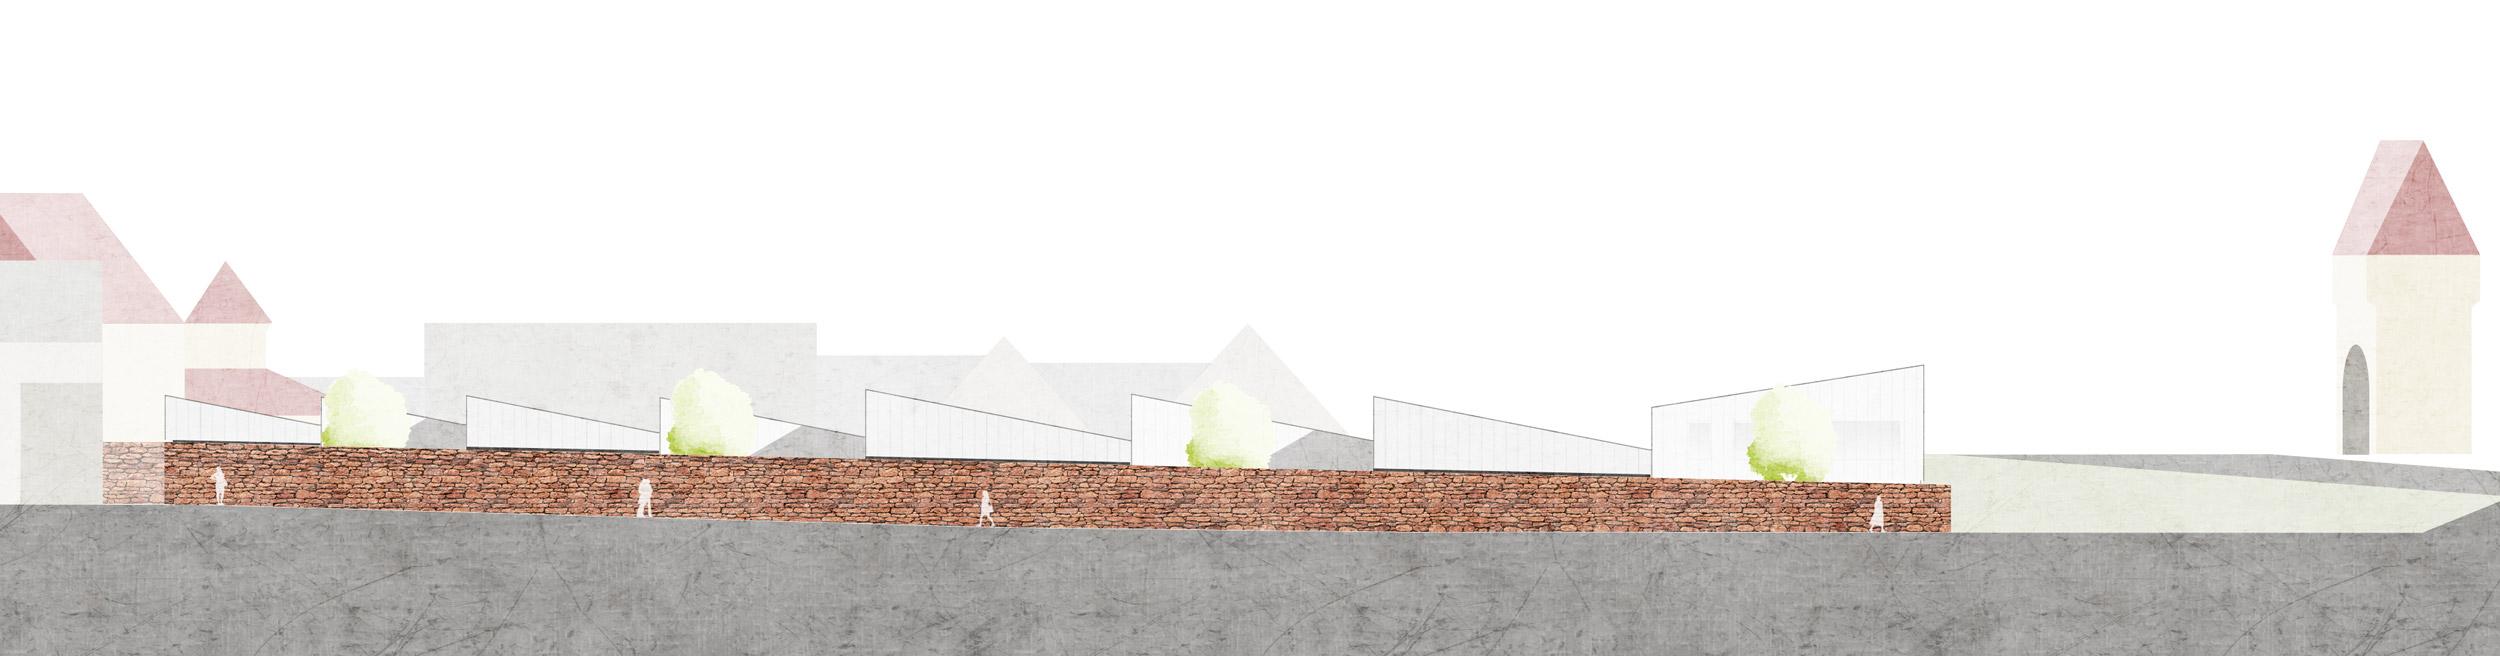 STUDIOKUBIK-KUBIK-architektur-architecture-berlin-KFM-ansicht-3